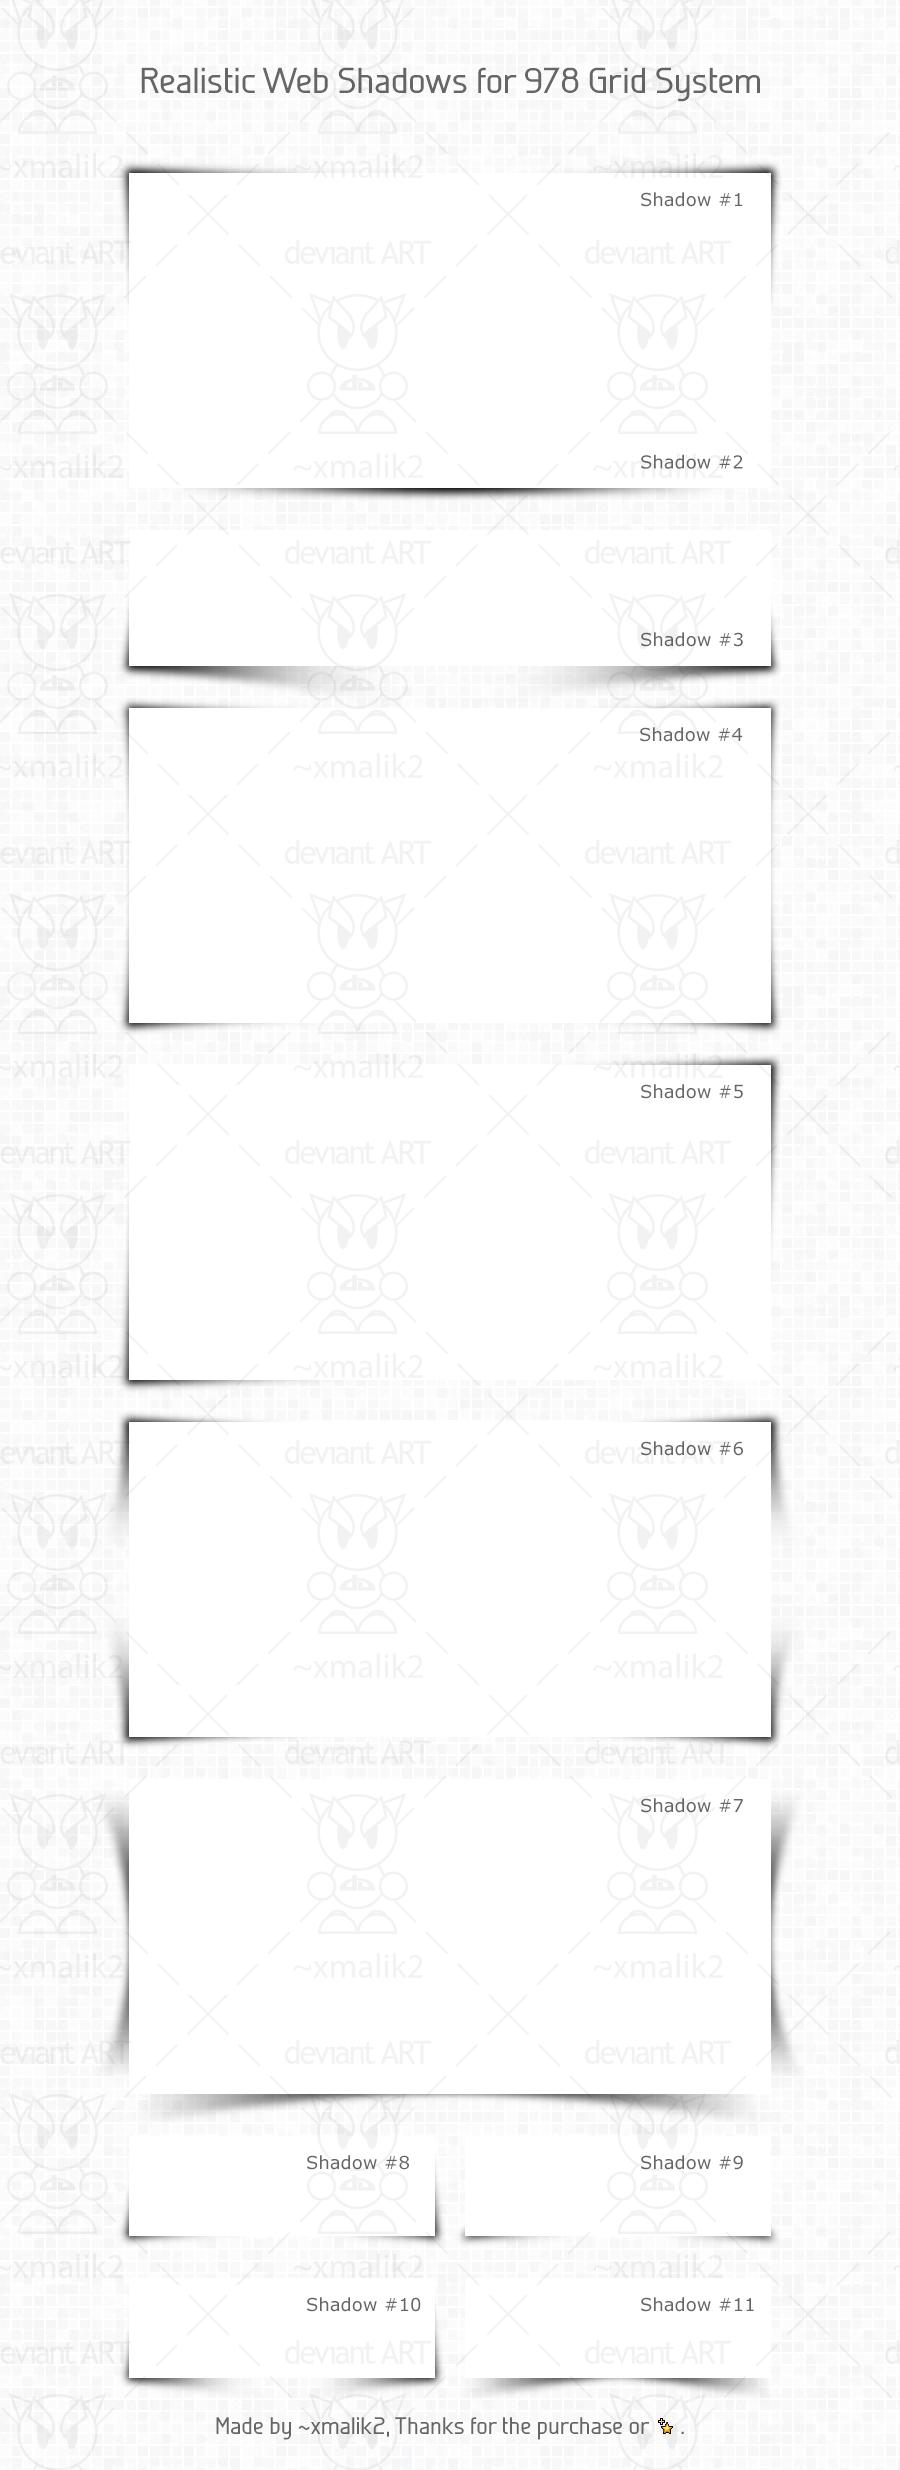 Realistic Web Shadows for 978 Grid System by xmalik2